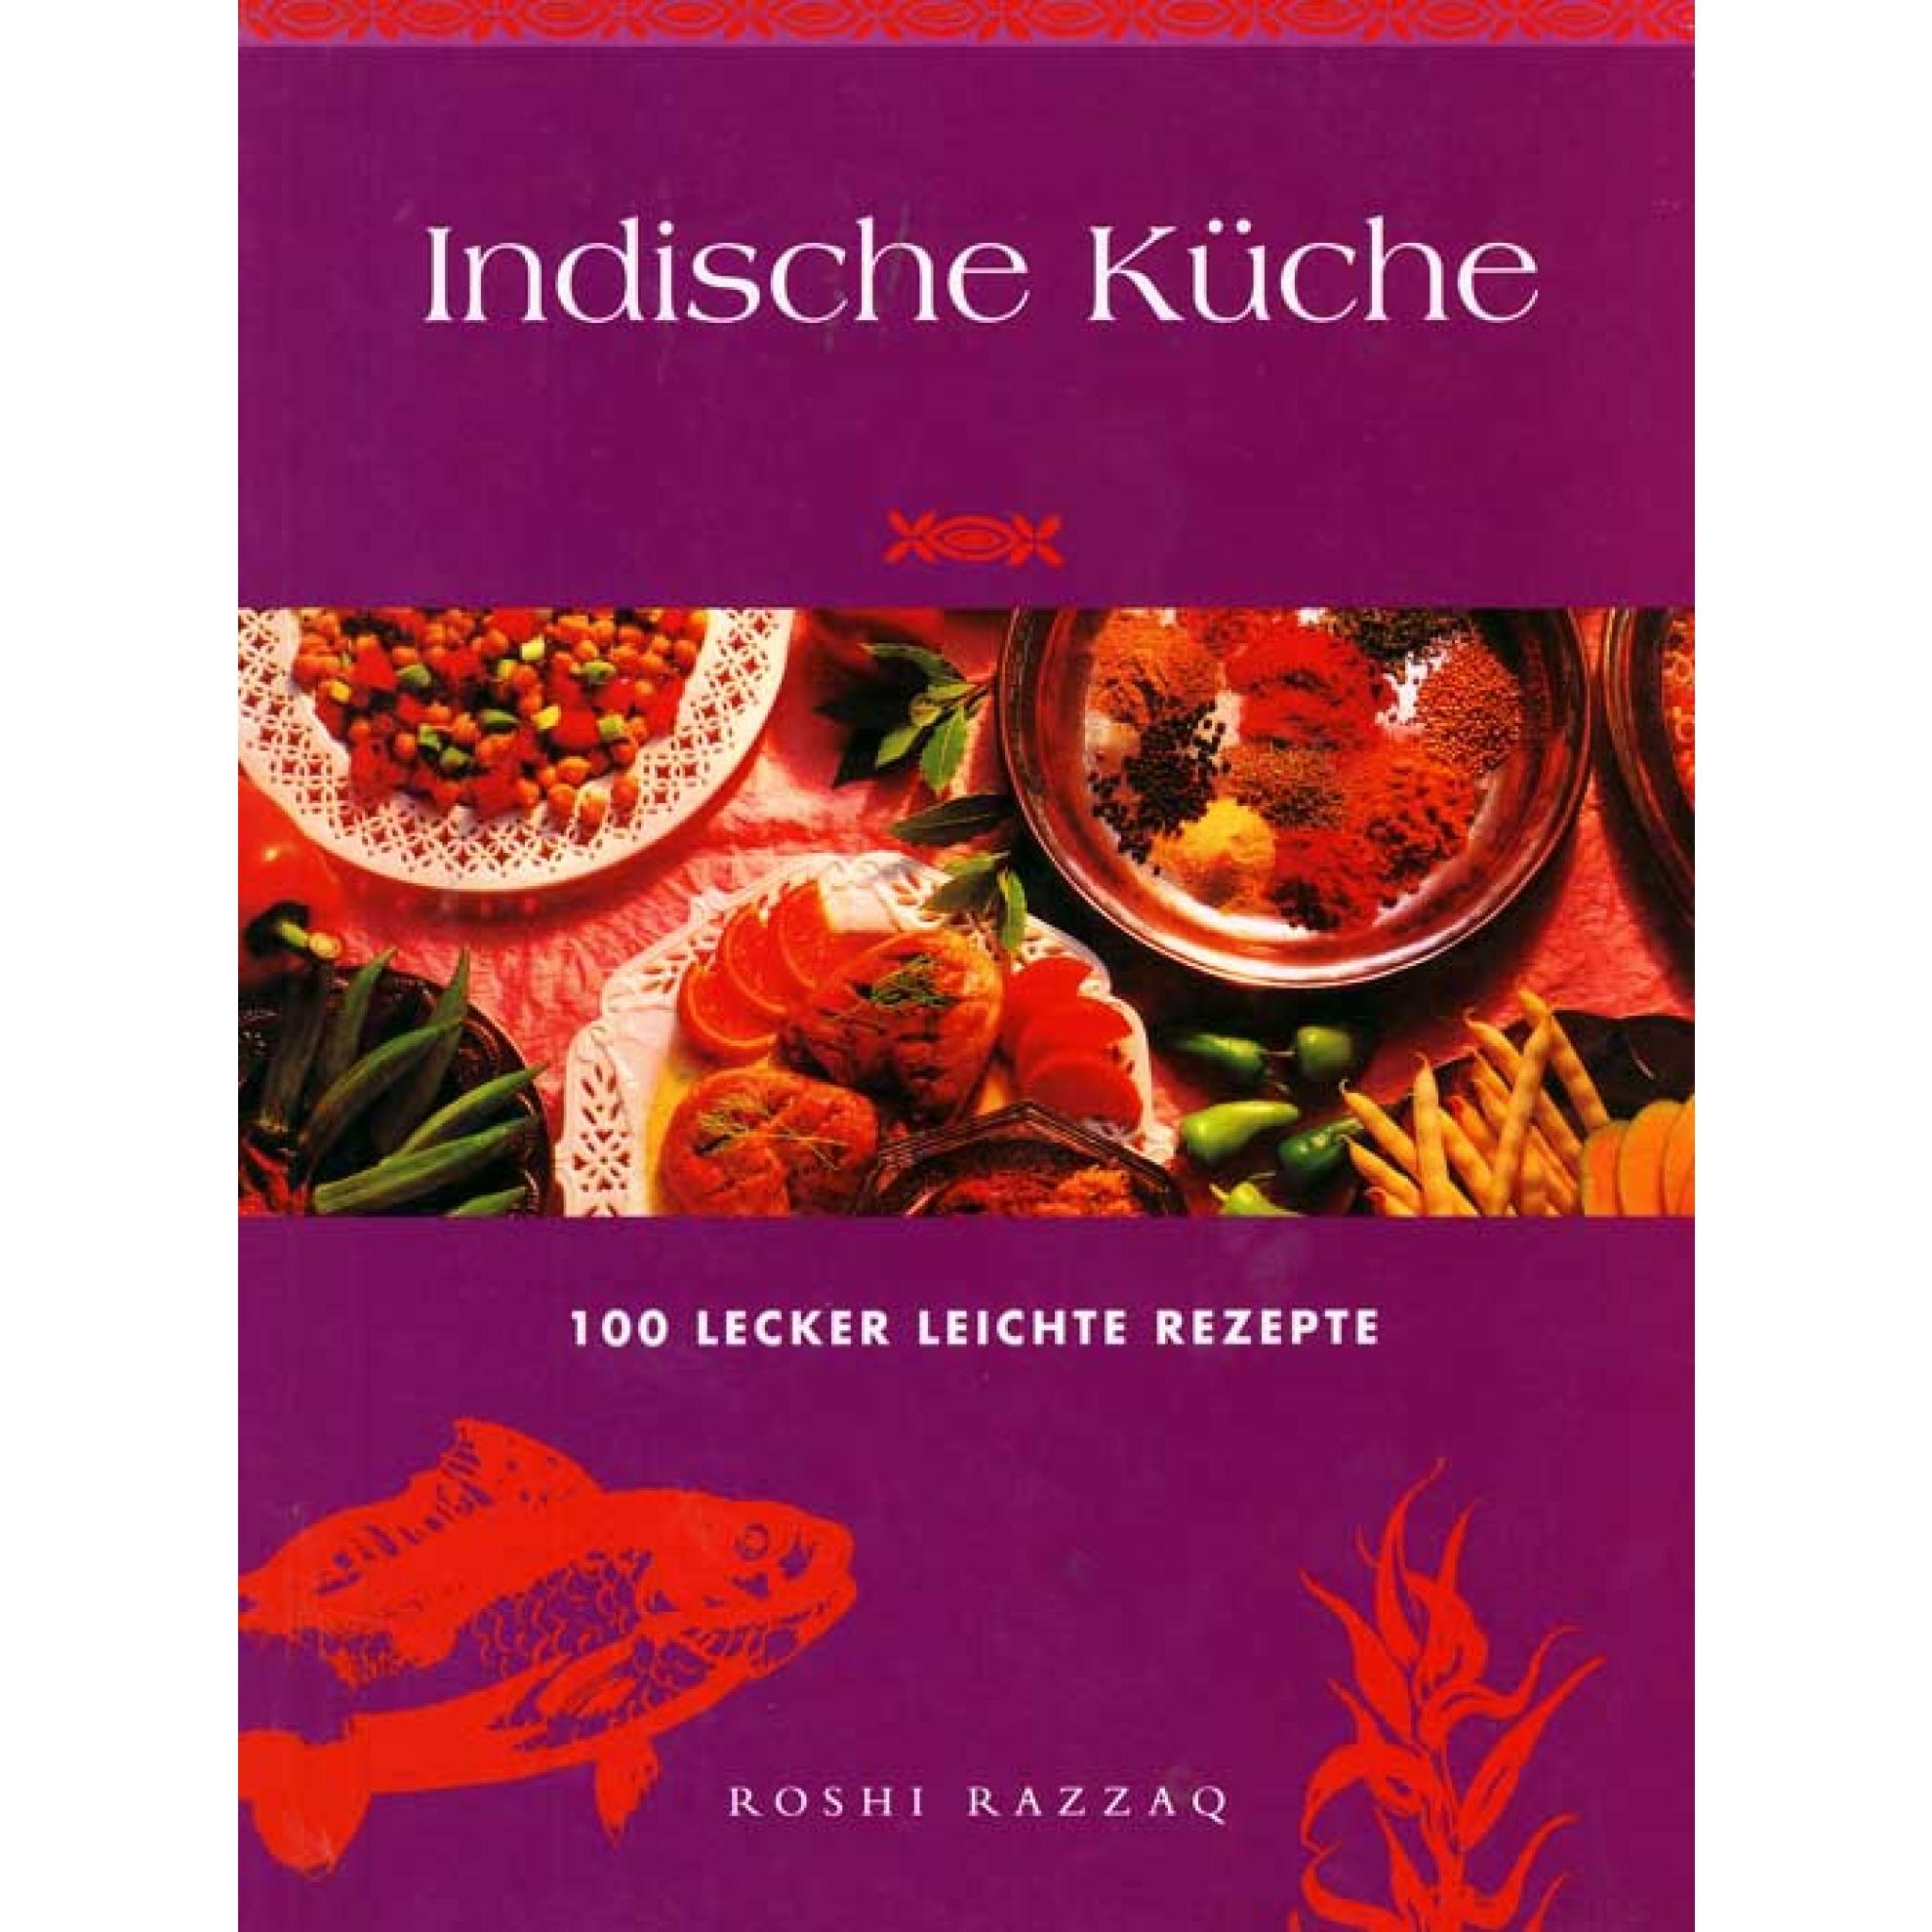 Indische Küche (100 Lecker Leichte Rezepte, Roshi Razzaq) Kochbuch